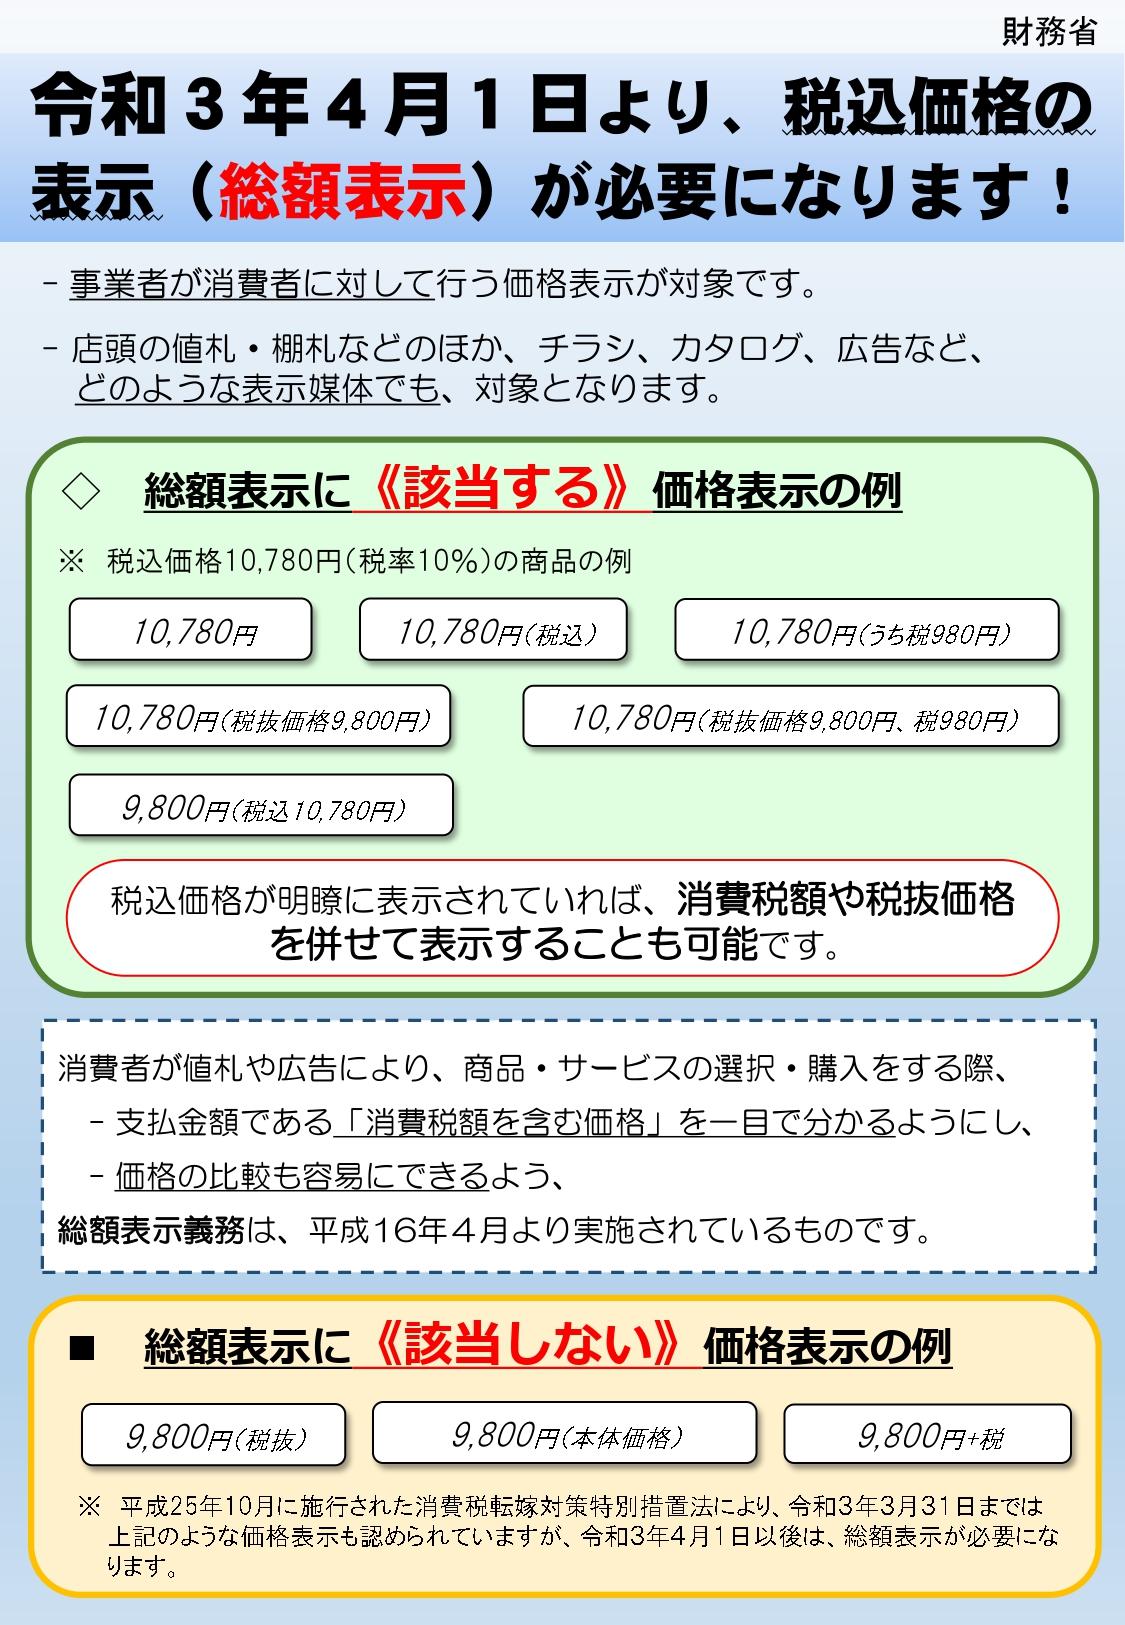 消費税総額表示_page-0001